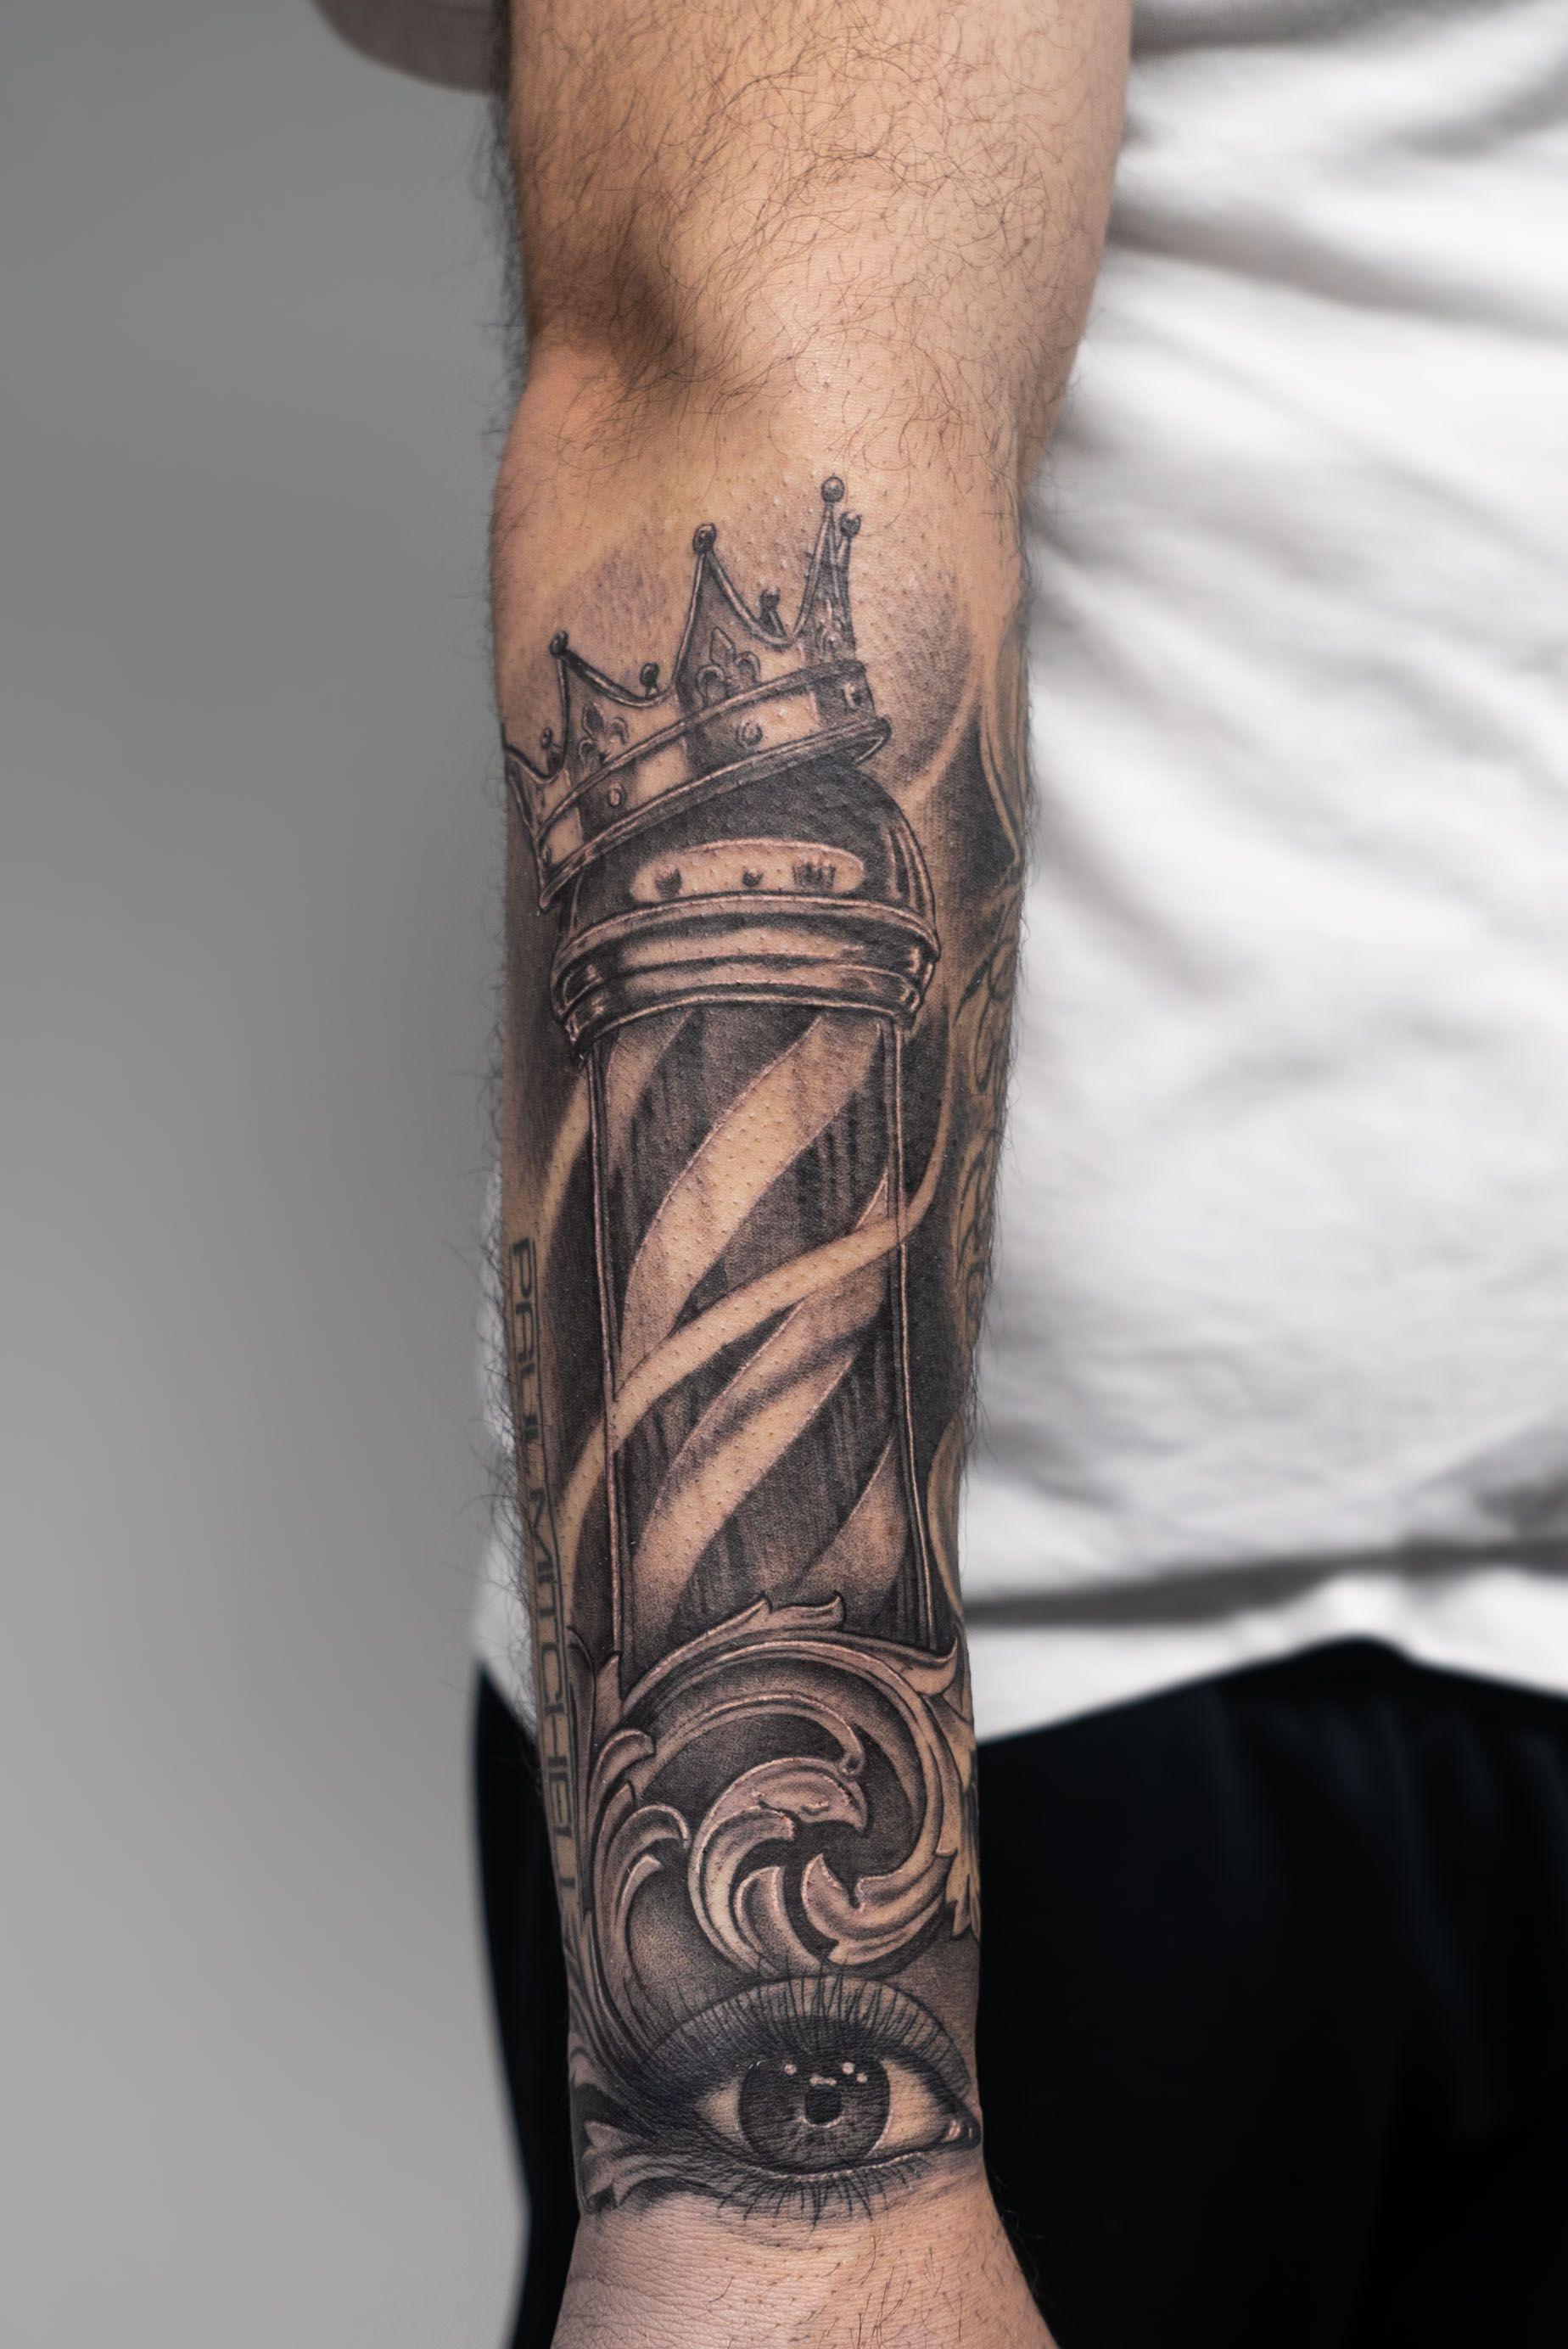 Barber Pole Tattoo : barber, tattoo, Barber, Crown, Displayed, Illustrative, Realistic, Black, Tattoos., #tattoos, #tattooart, #tatt…, Tattoo,, Tattoos,, Tattoo